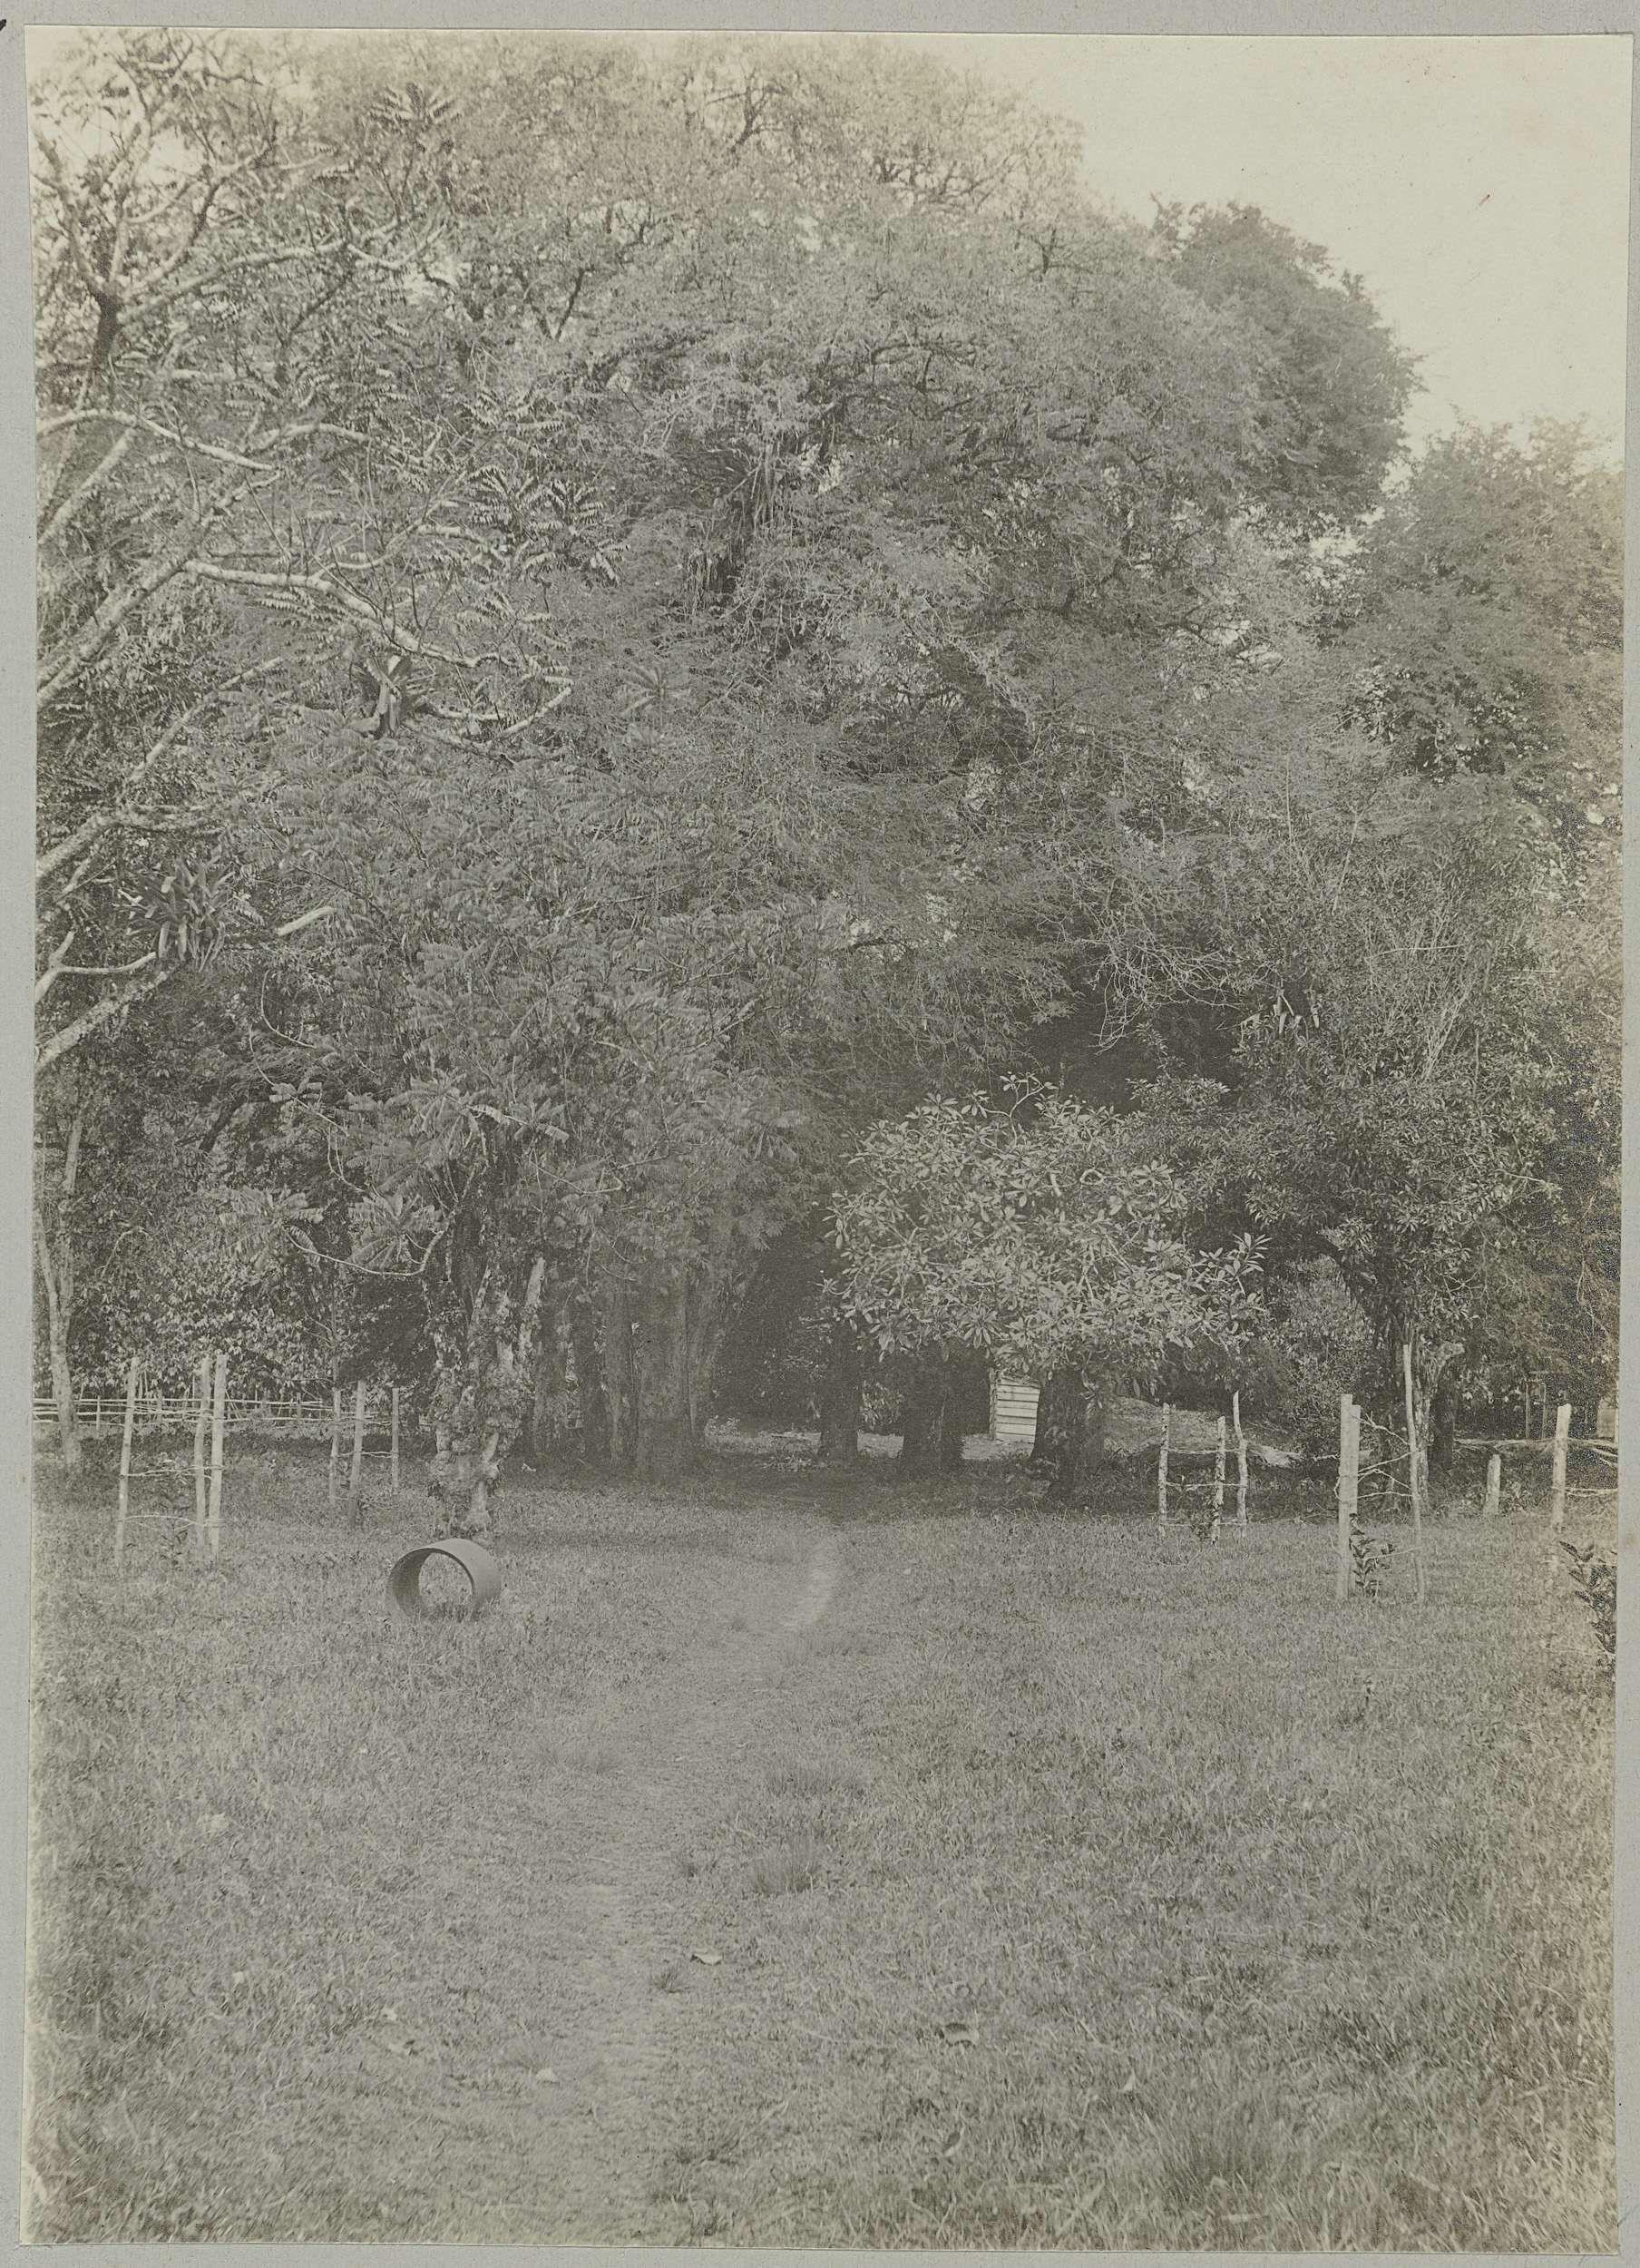 anoniem | Tamarindegroepen op Tourtonne, attributed to Hendrik Dooyer, 1906 - 1913 | Groepen hoge tamarindebomen op de plantage Tourtonne. Onderdeel van het fotoalbum Souvenir de Voyage (deel 2), over het leven van de familie Dooyer in en rond de plantage Ma Retraite in Suriname in de jaren 1906-1913.